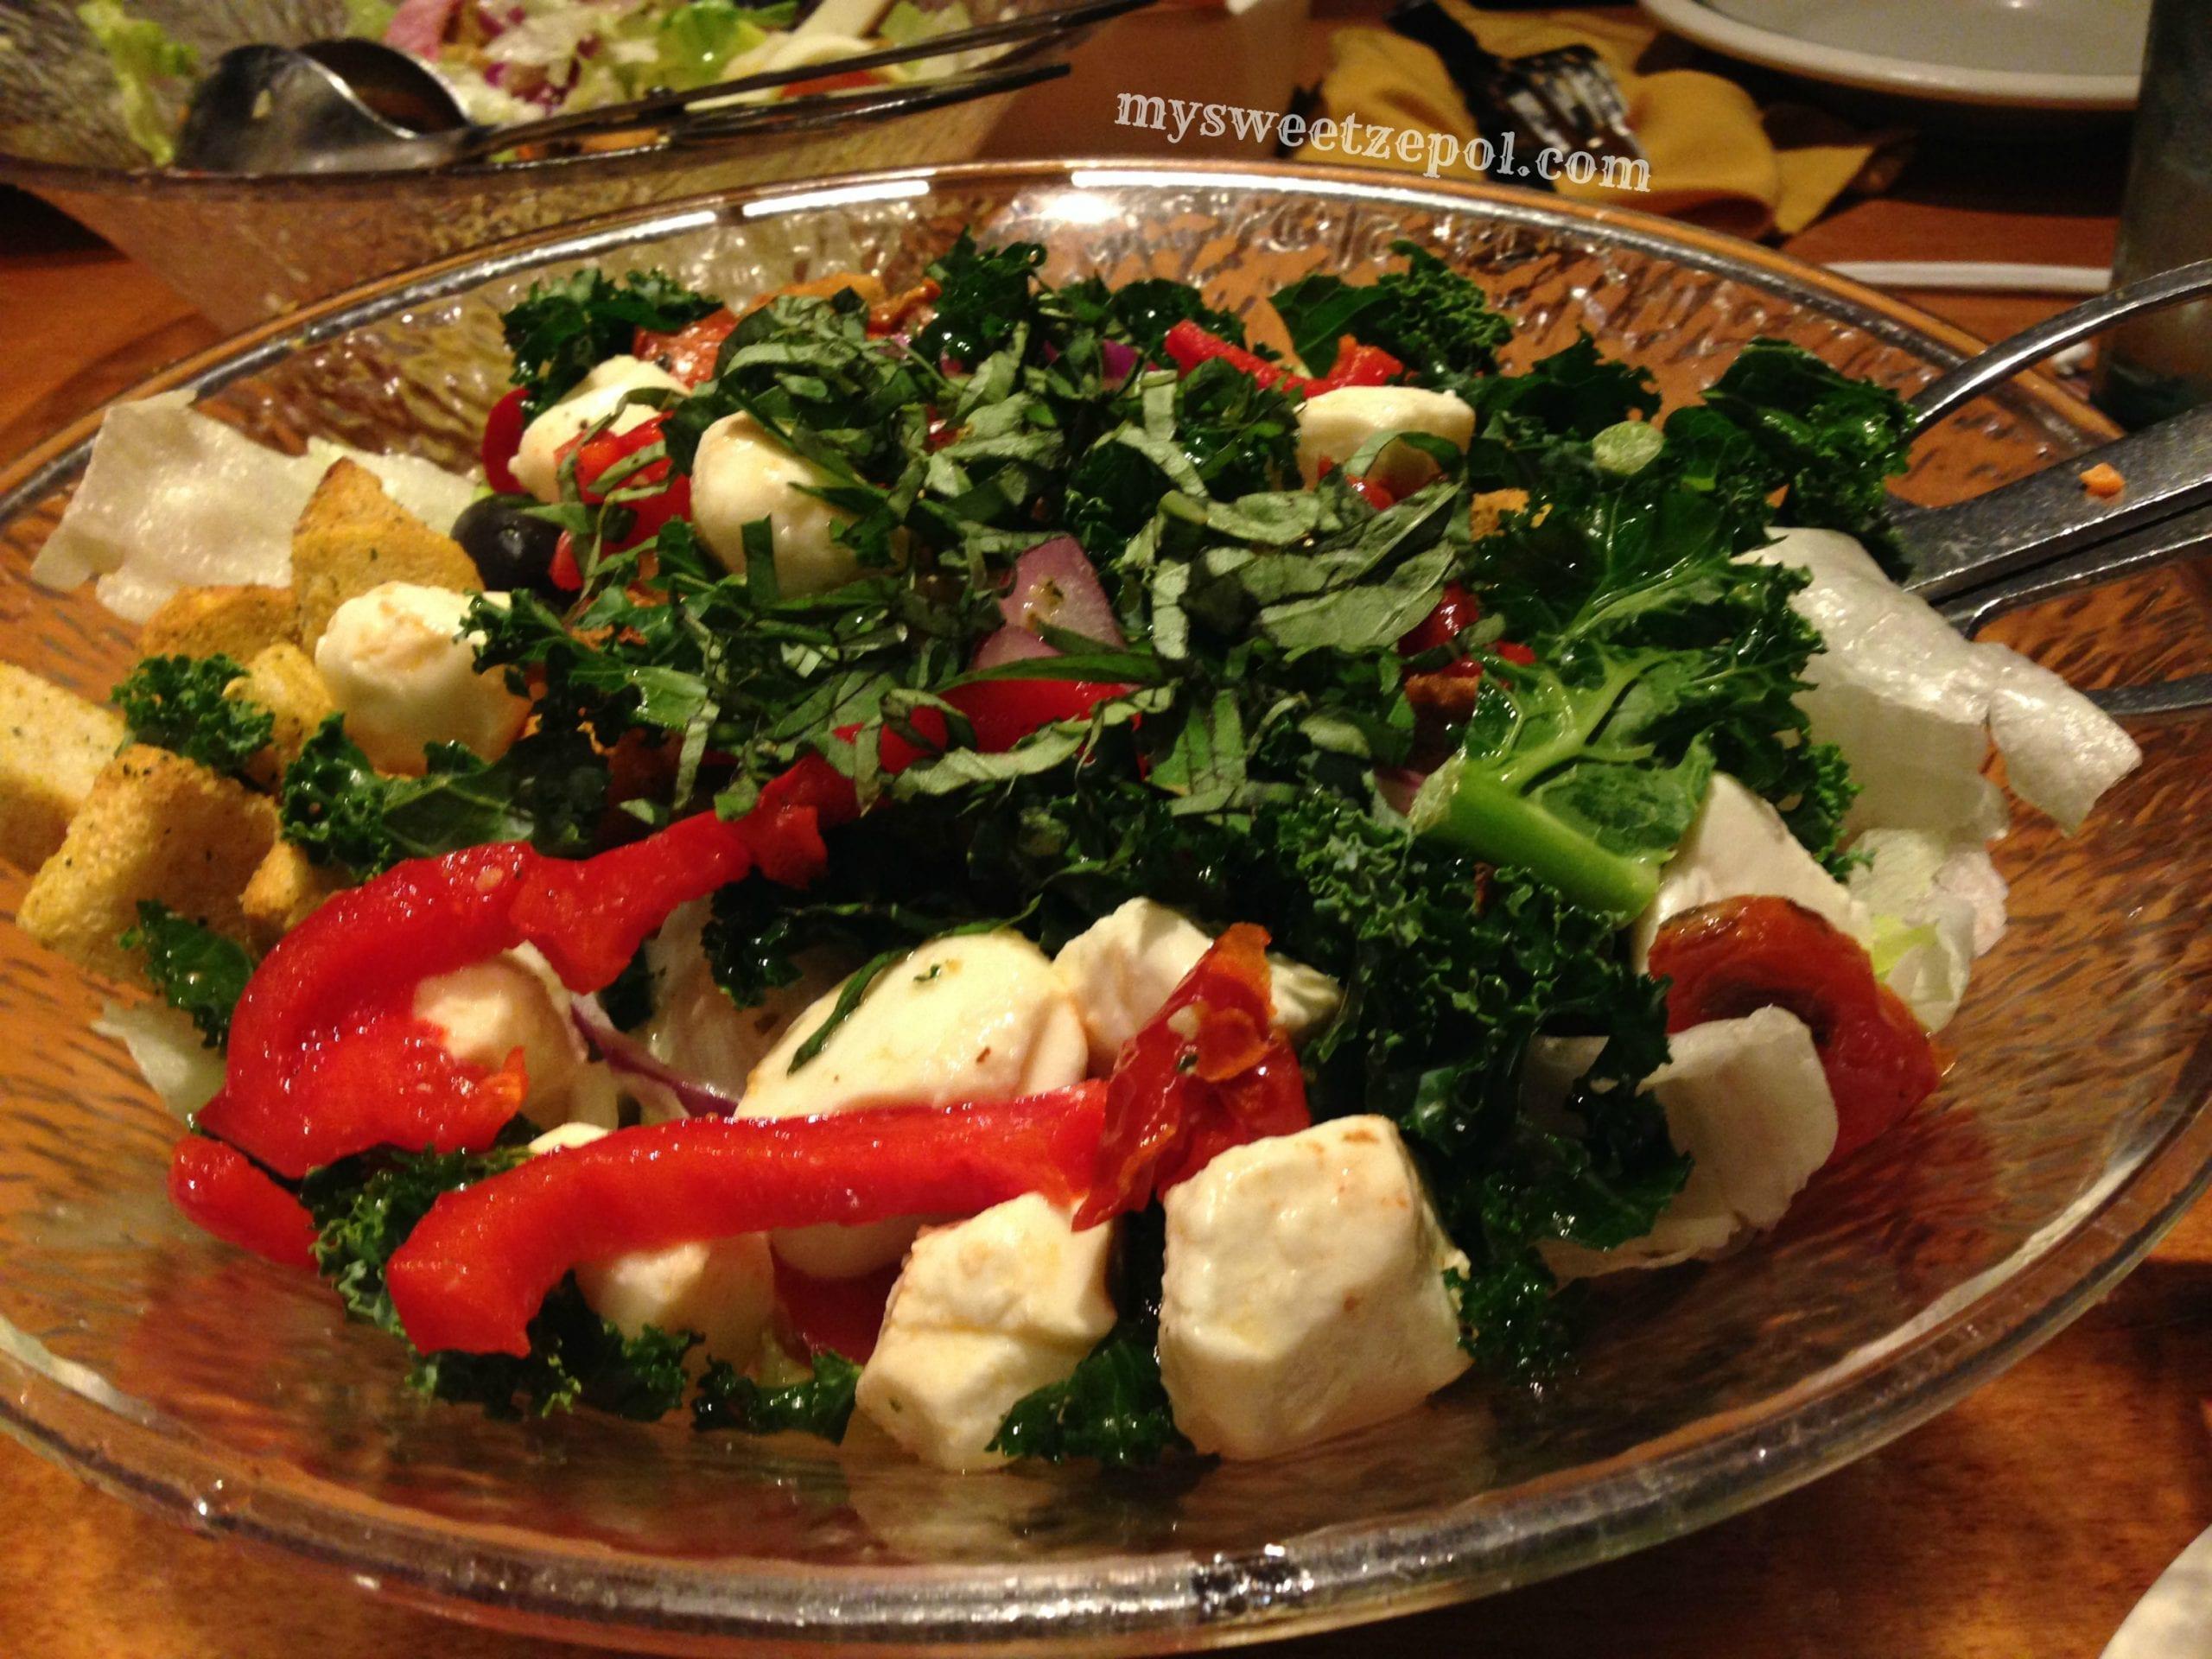 Tasting Olive Garden My Sweet Zepol